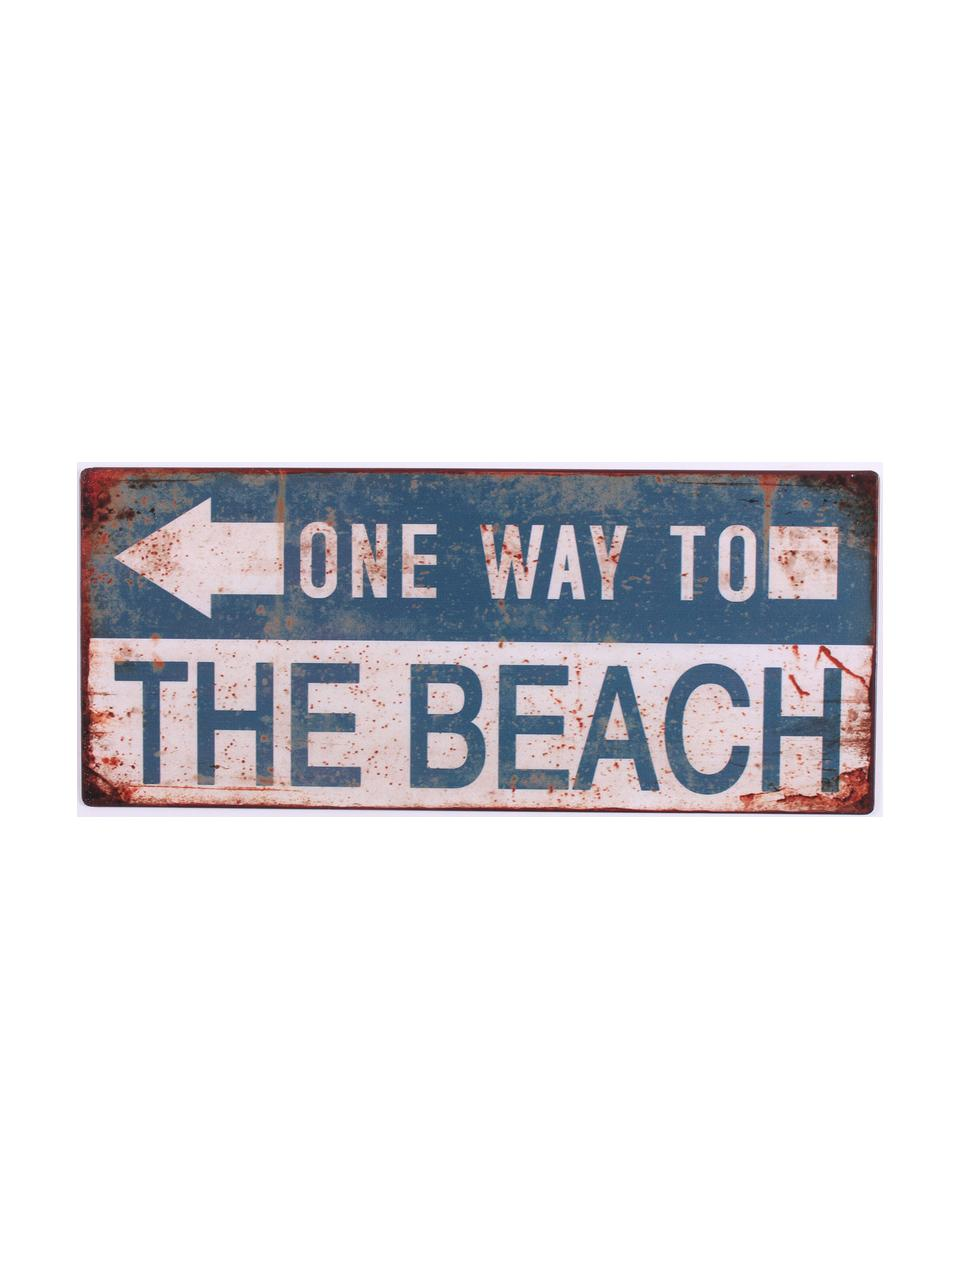 Wandschild One way to the beach, Metall, beschichtet, Blau, gebrochenes Weiß, Rostbraun, 31 x 13 cm